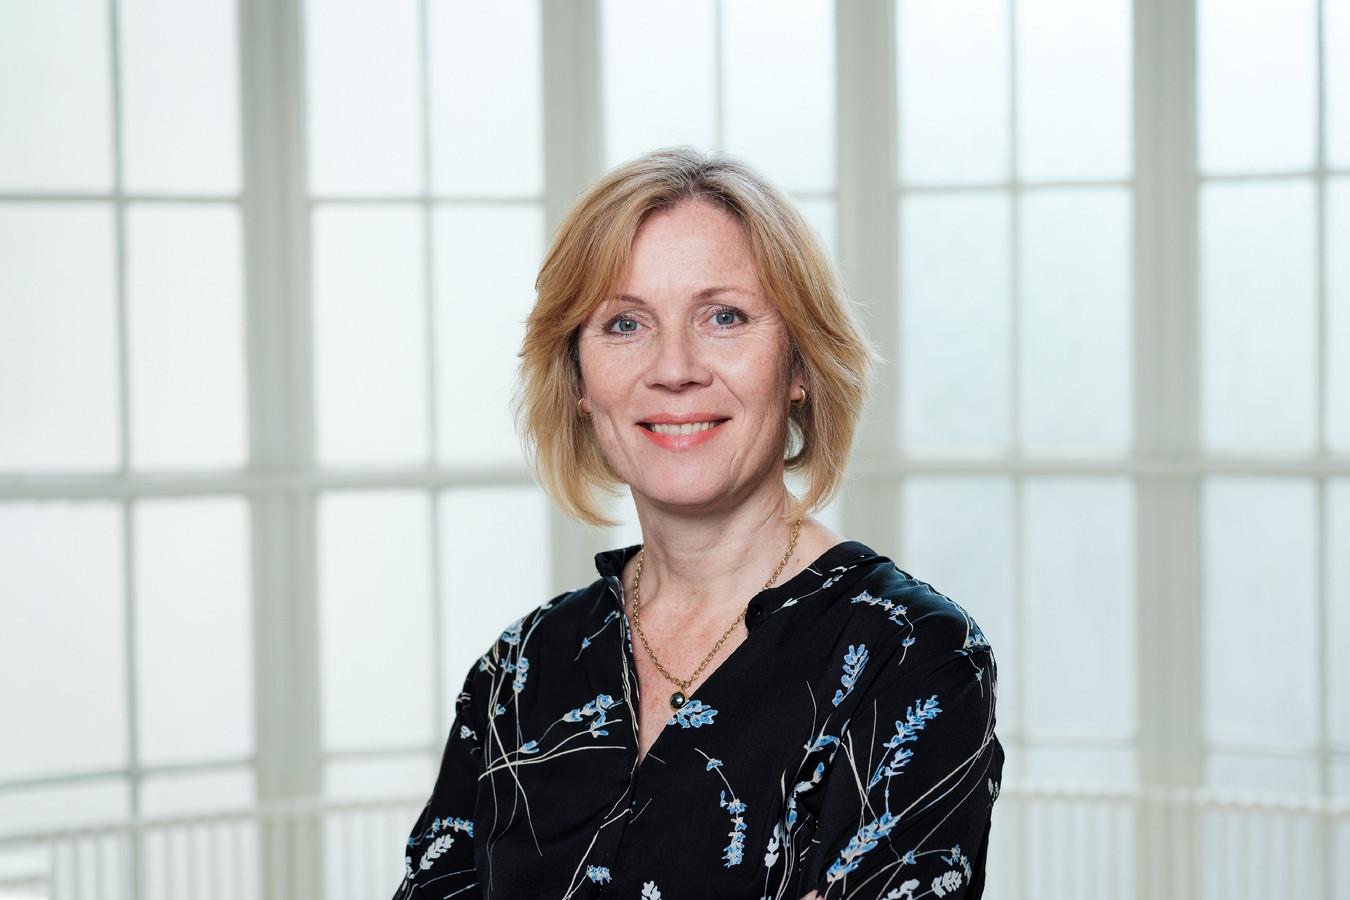 Marlies de Ruiter, belastingexpert bij accountants- en adviesorganisatie EY.